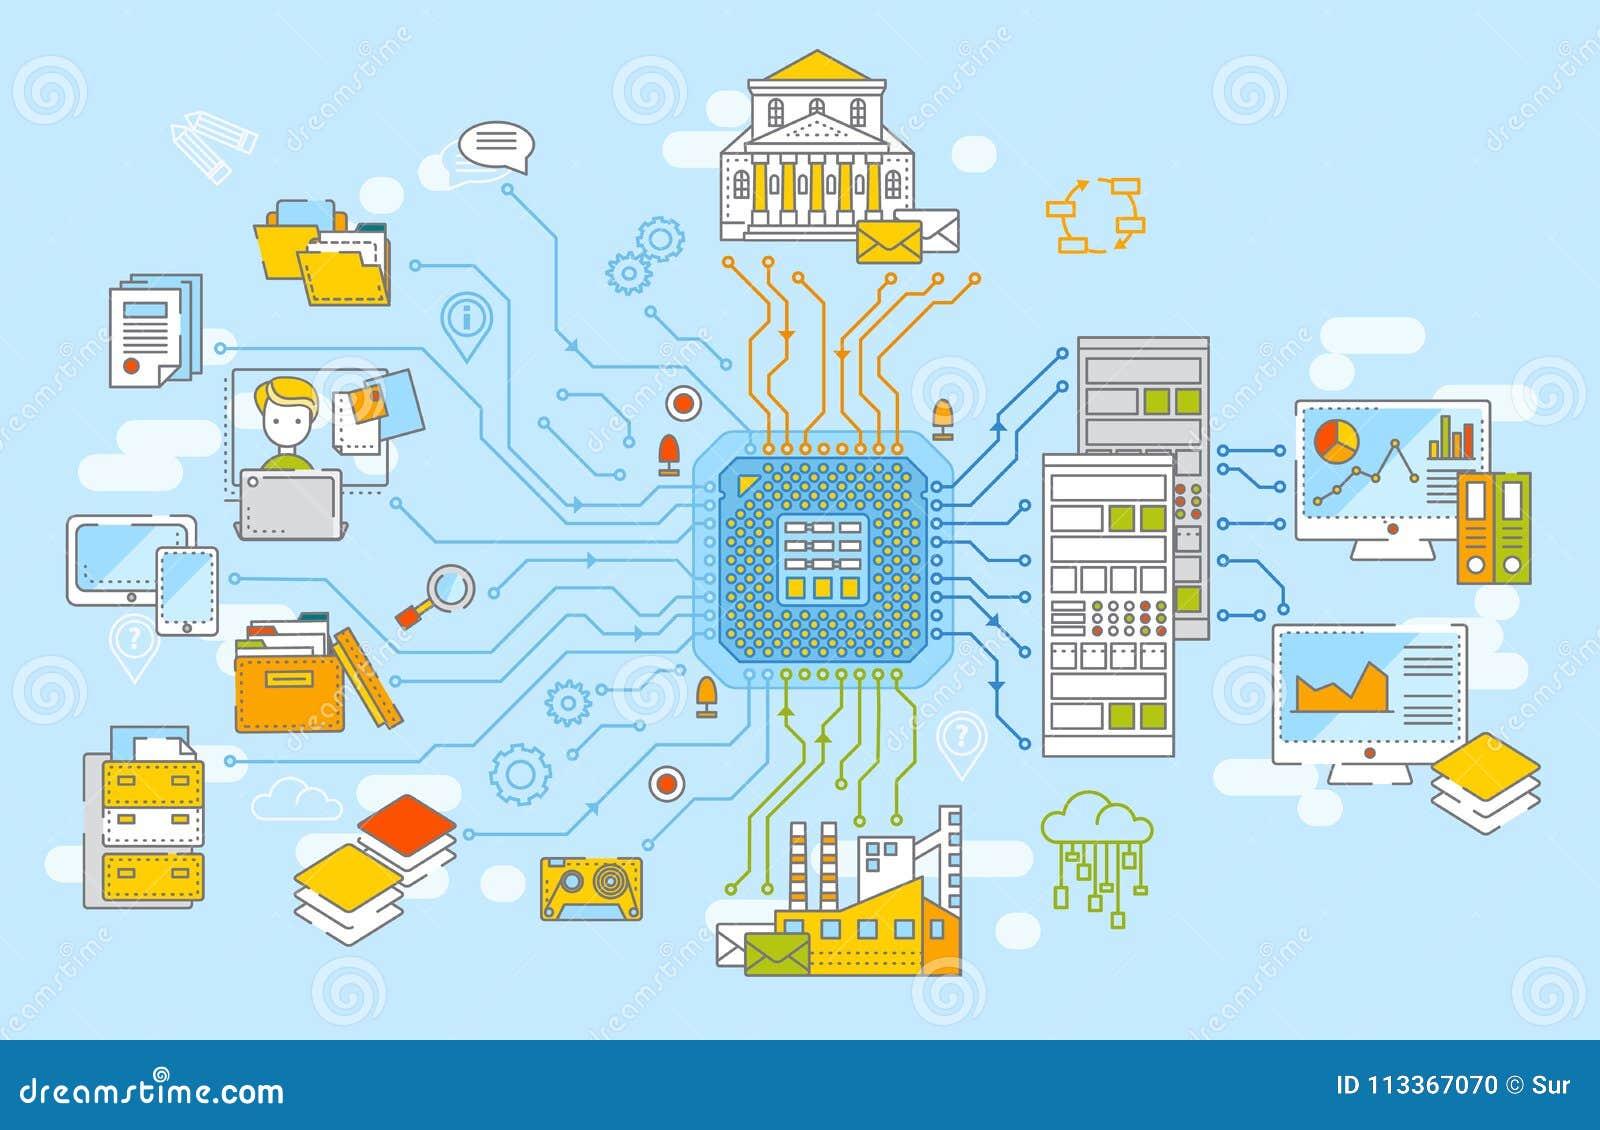 De grote Vectorillustratie van het Gegevensconcept Inzameling van informatie, gegevens - verwerking, informatie analysys, gegeven